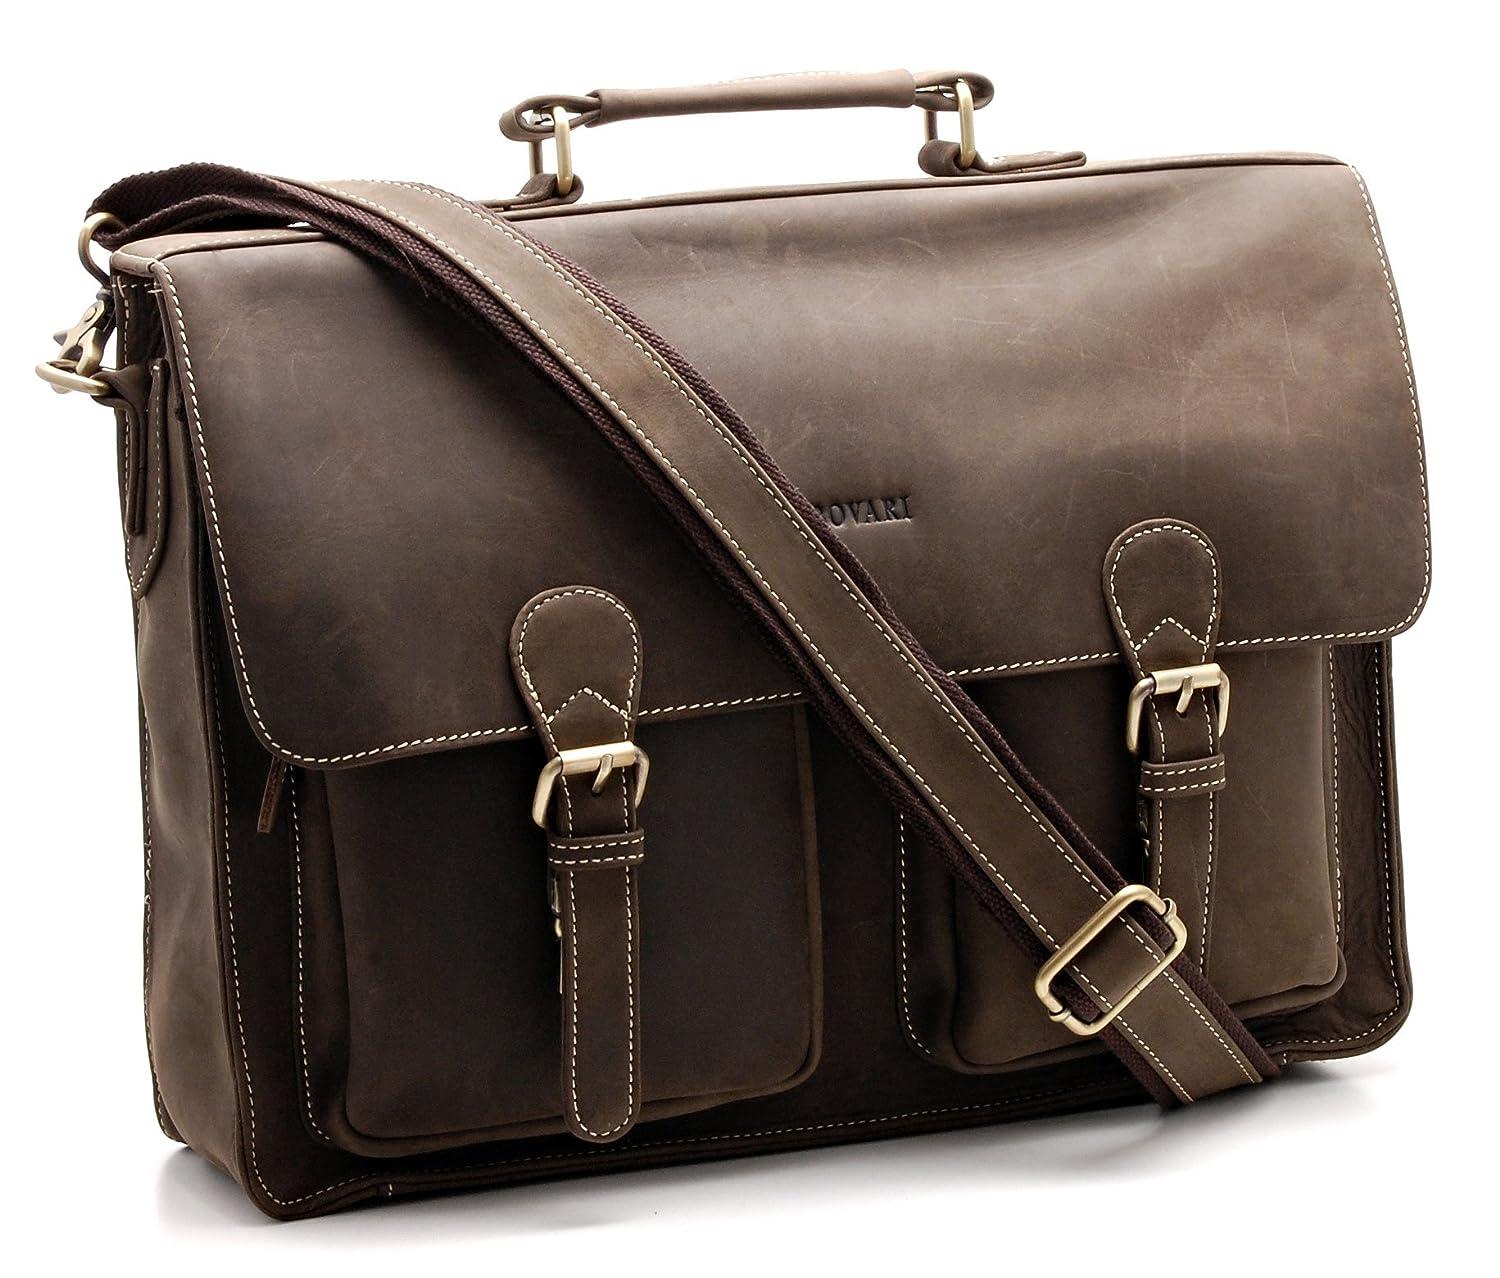 Bovari Herren Echt Leder Aktentasche Laptoptasche Notebooktasche groß (13, 3 Zoll bis 15, 6 Zoll) Umhängetasche V4 - Vintage XL Edition (braun) BOV707